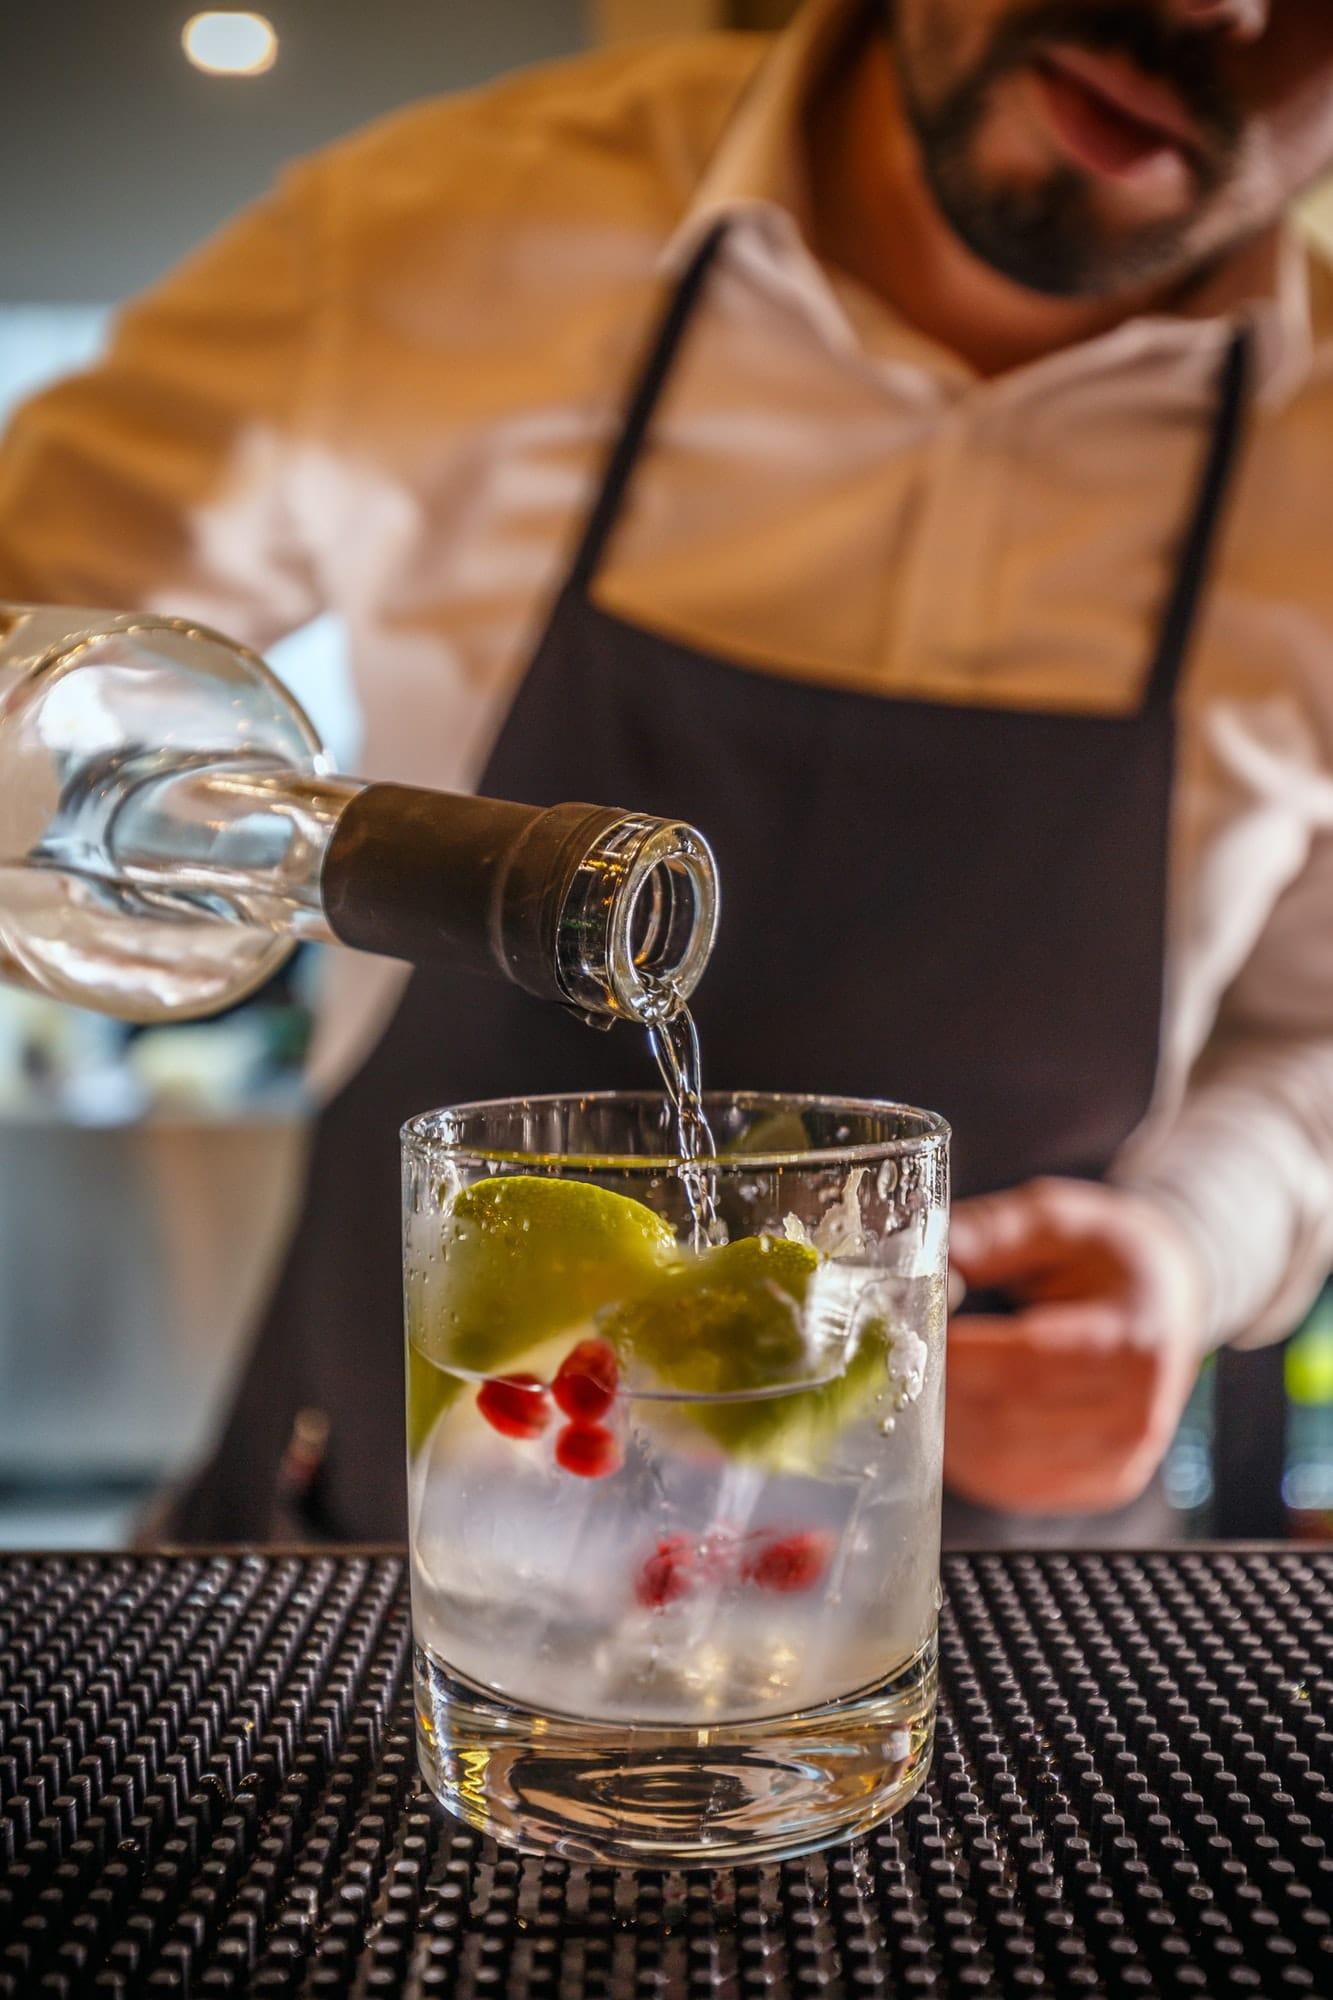 Bartender pouring vodka